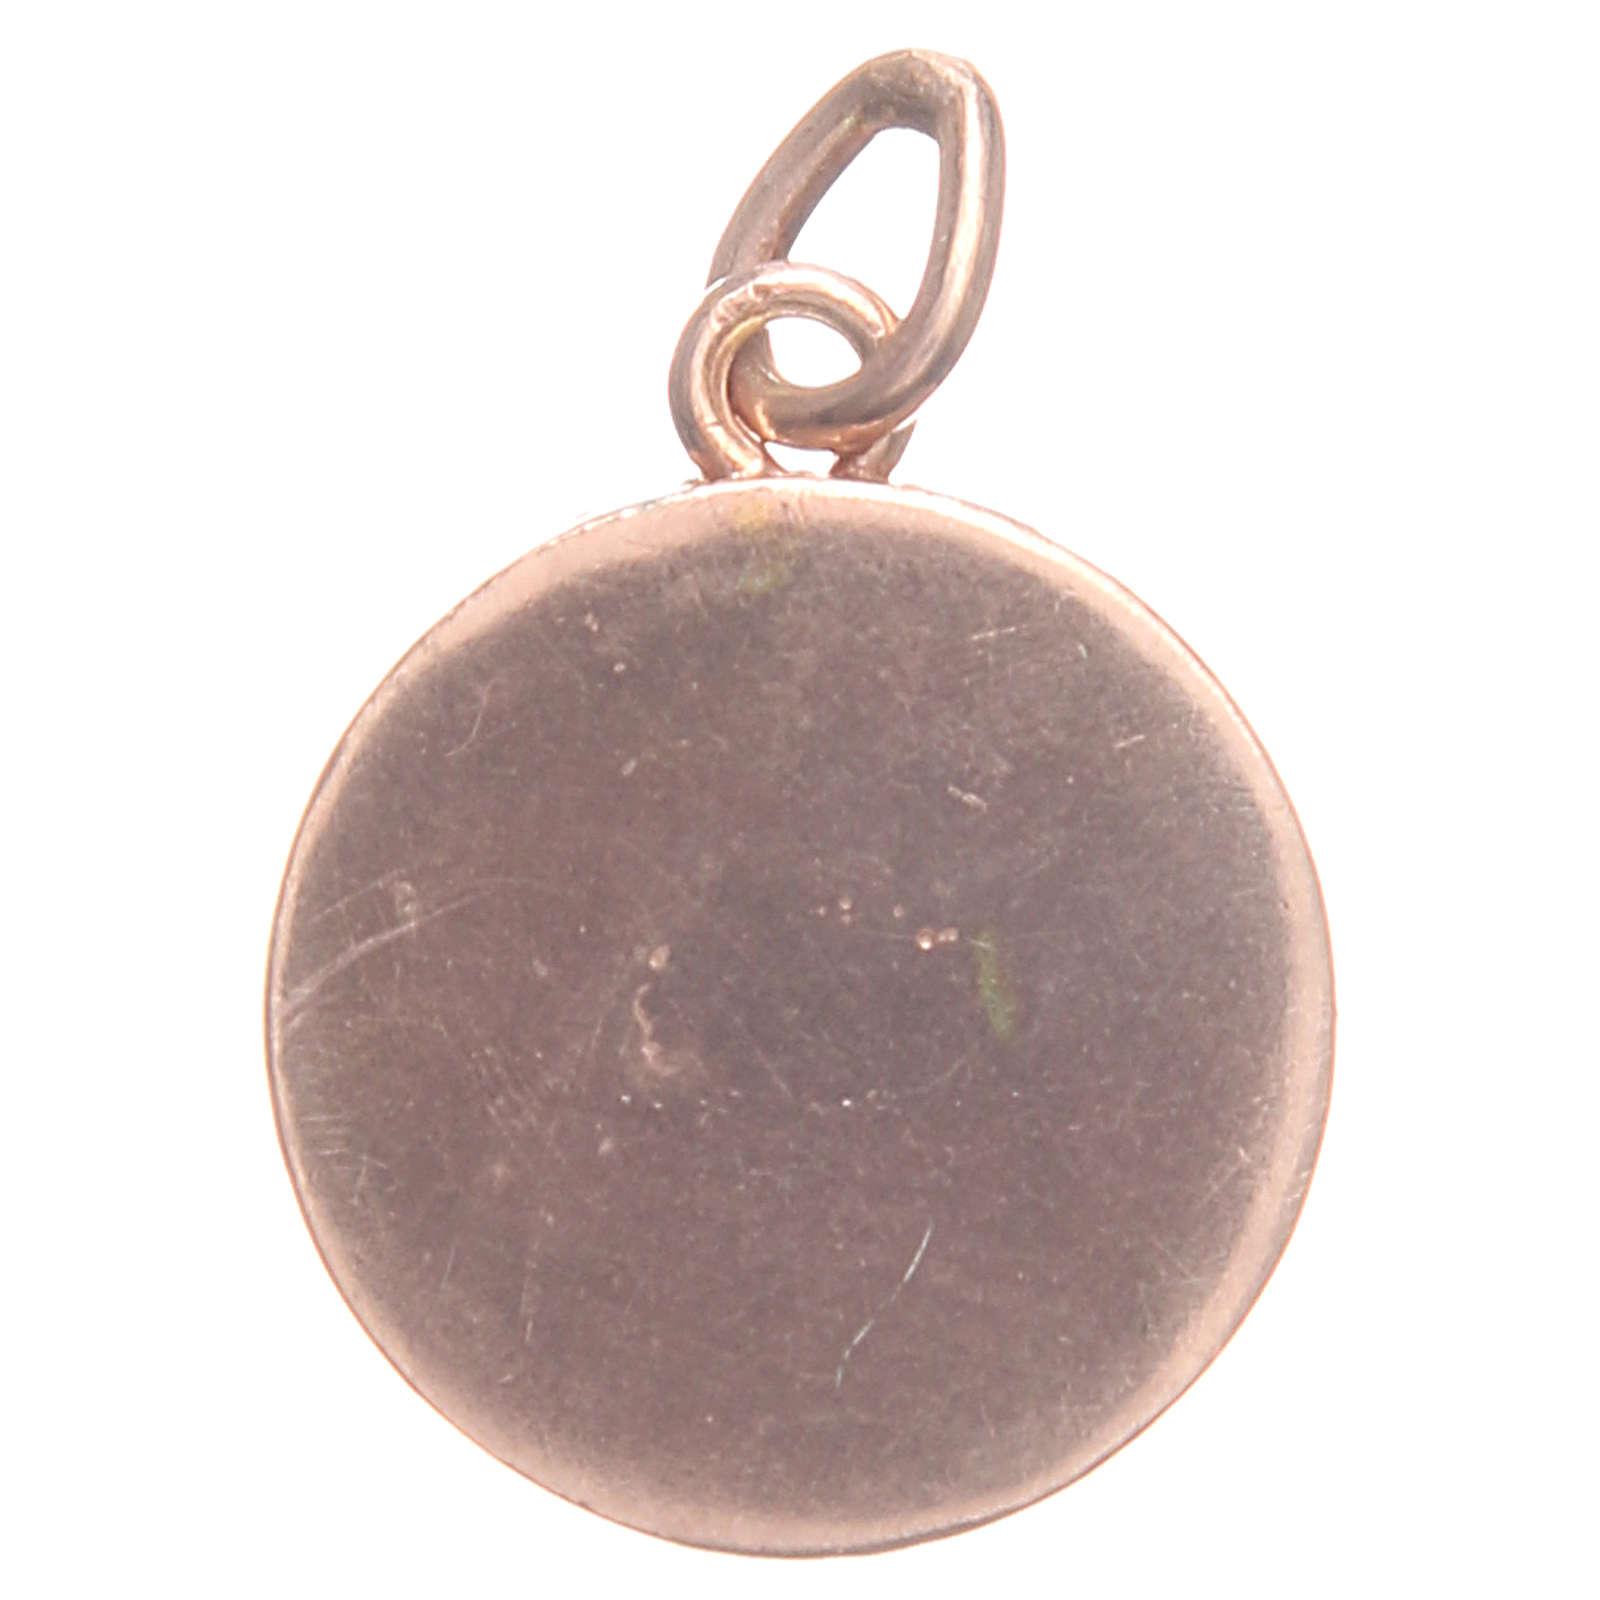 Médaille argent 800 symbole Pax diam 1,7 cm 4